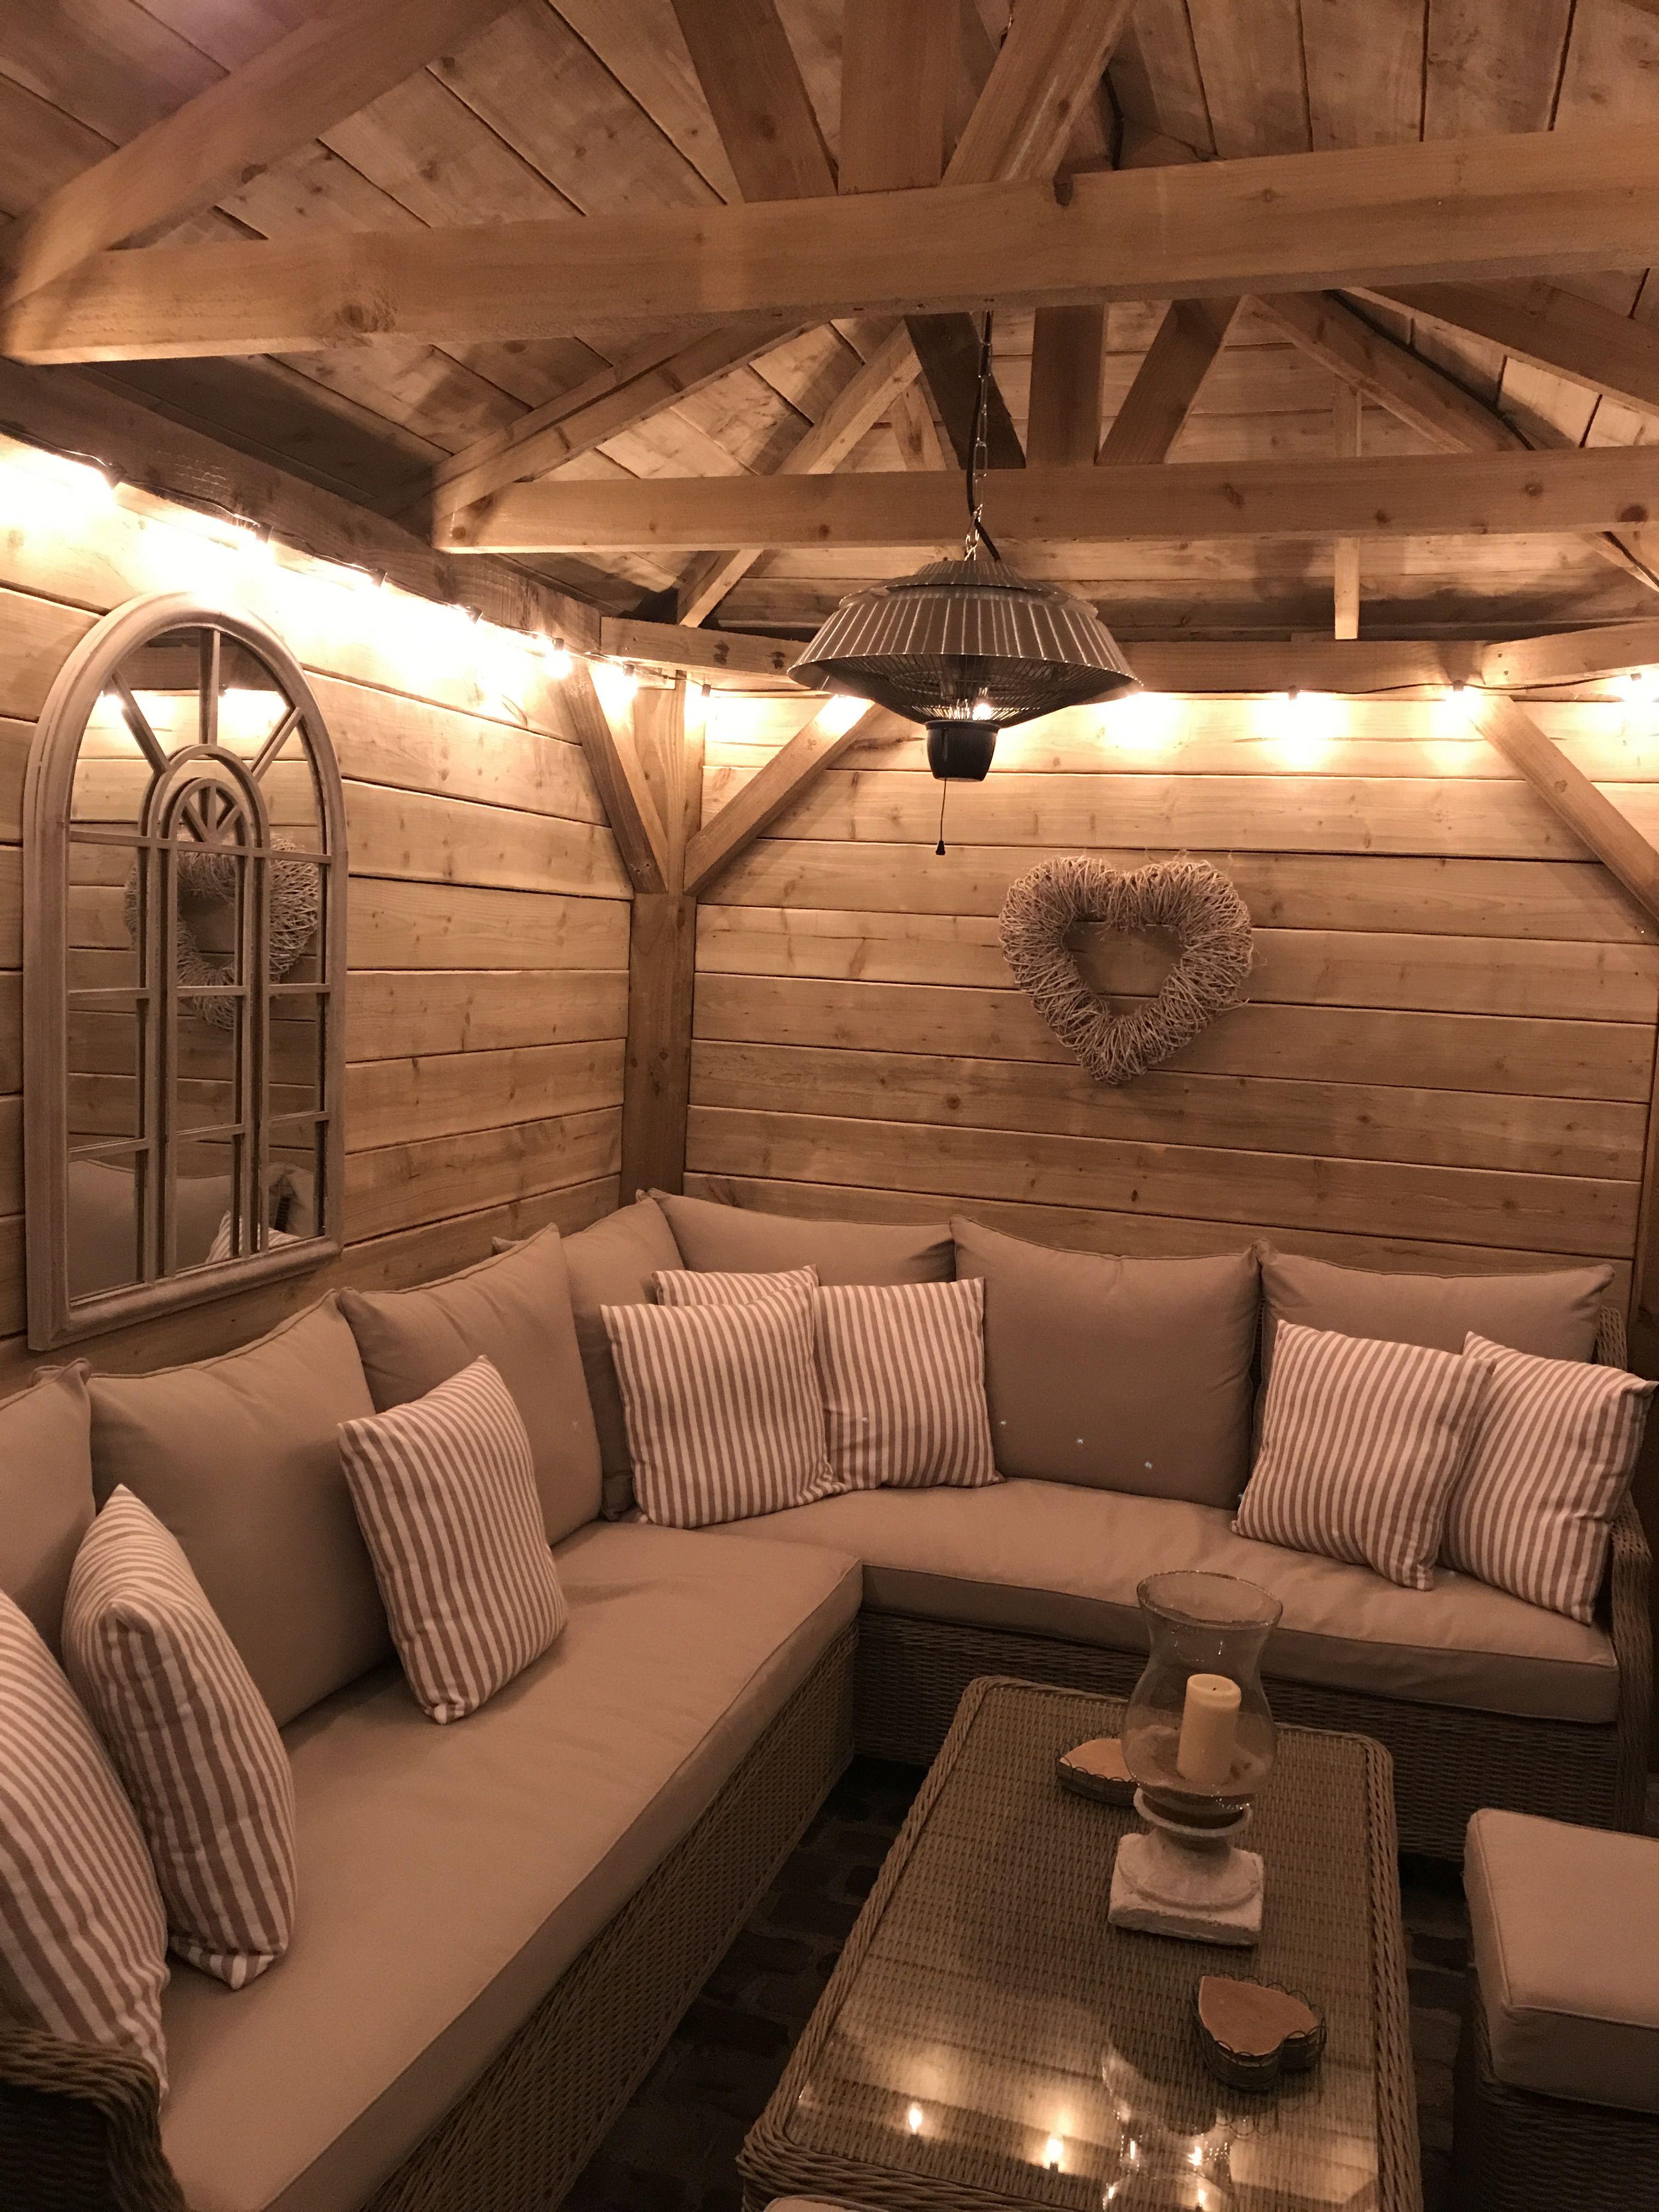 Homemade wooden gazebo garden lights outdoor sofa outdoor seating